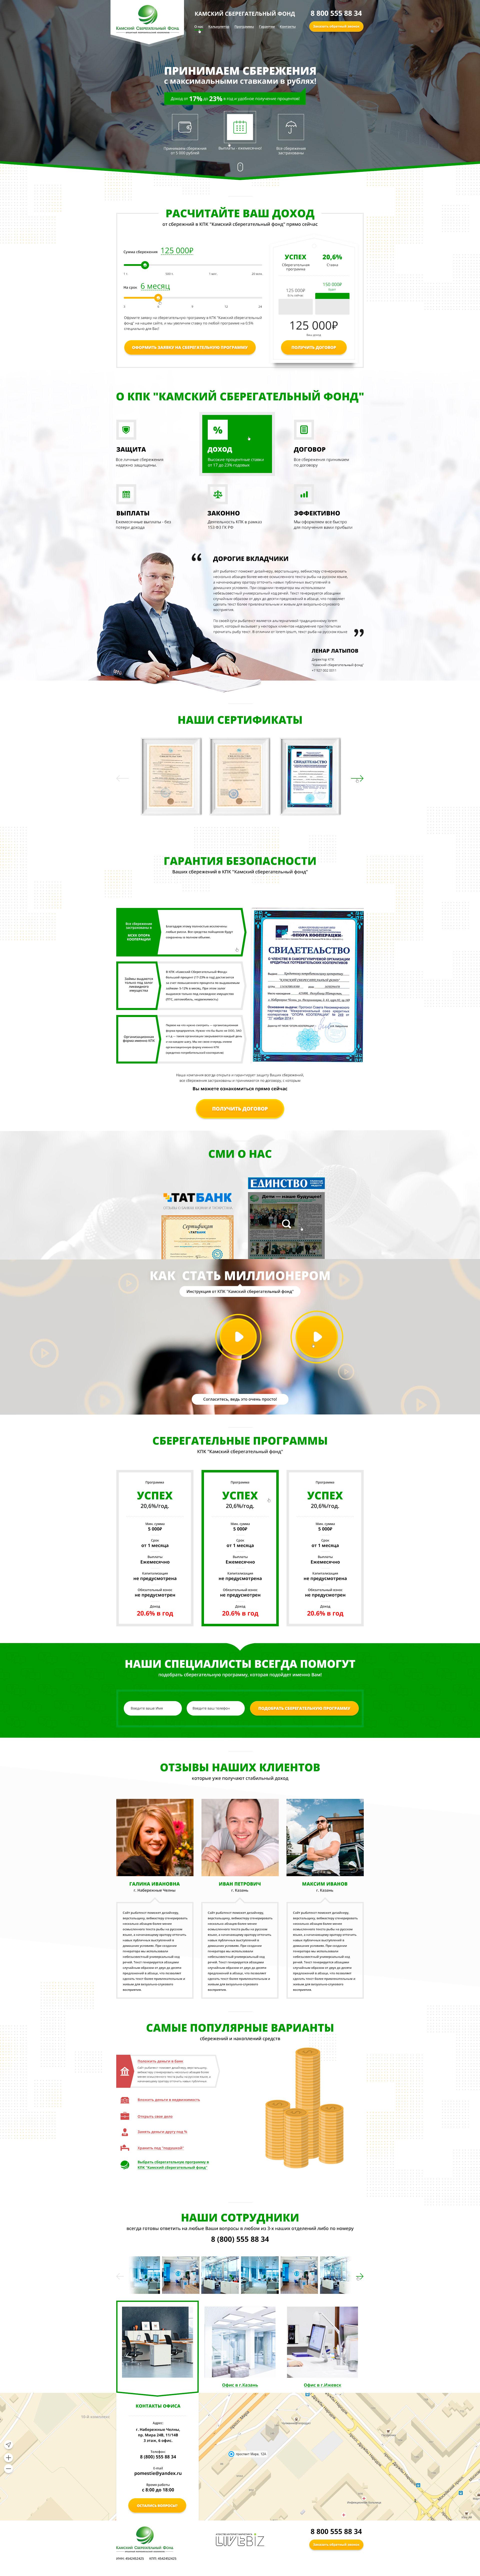 Камский Сберегательный Фонд - кредитный потребительский кооператив